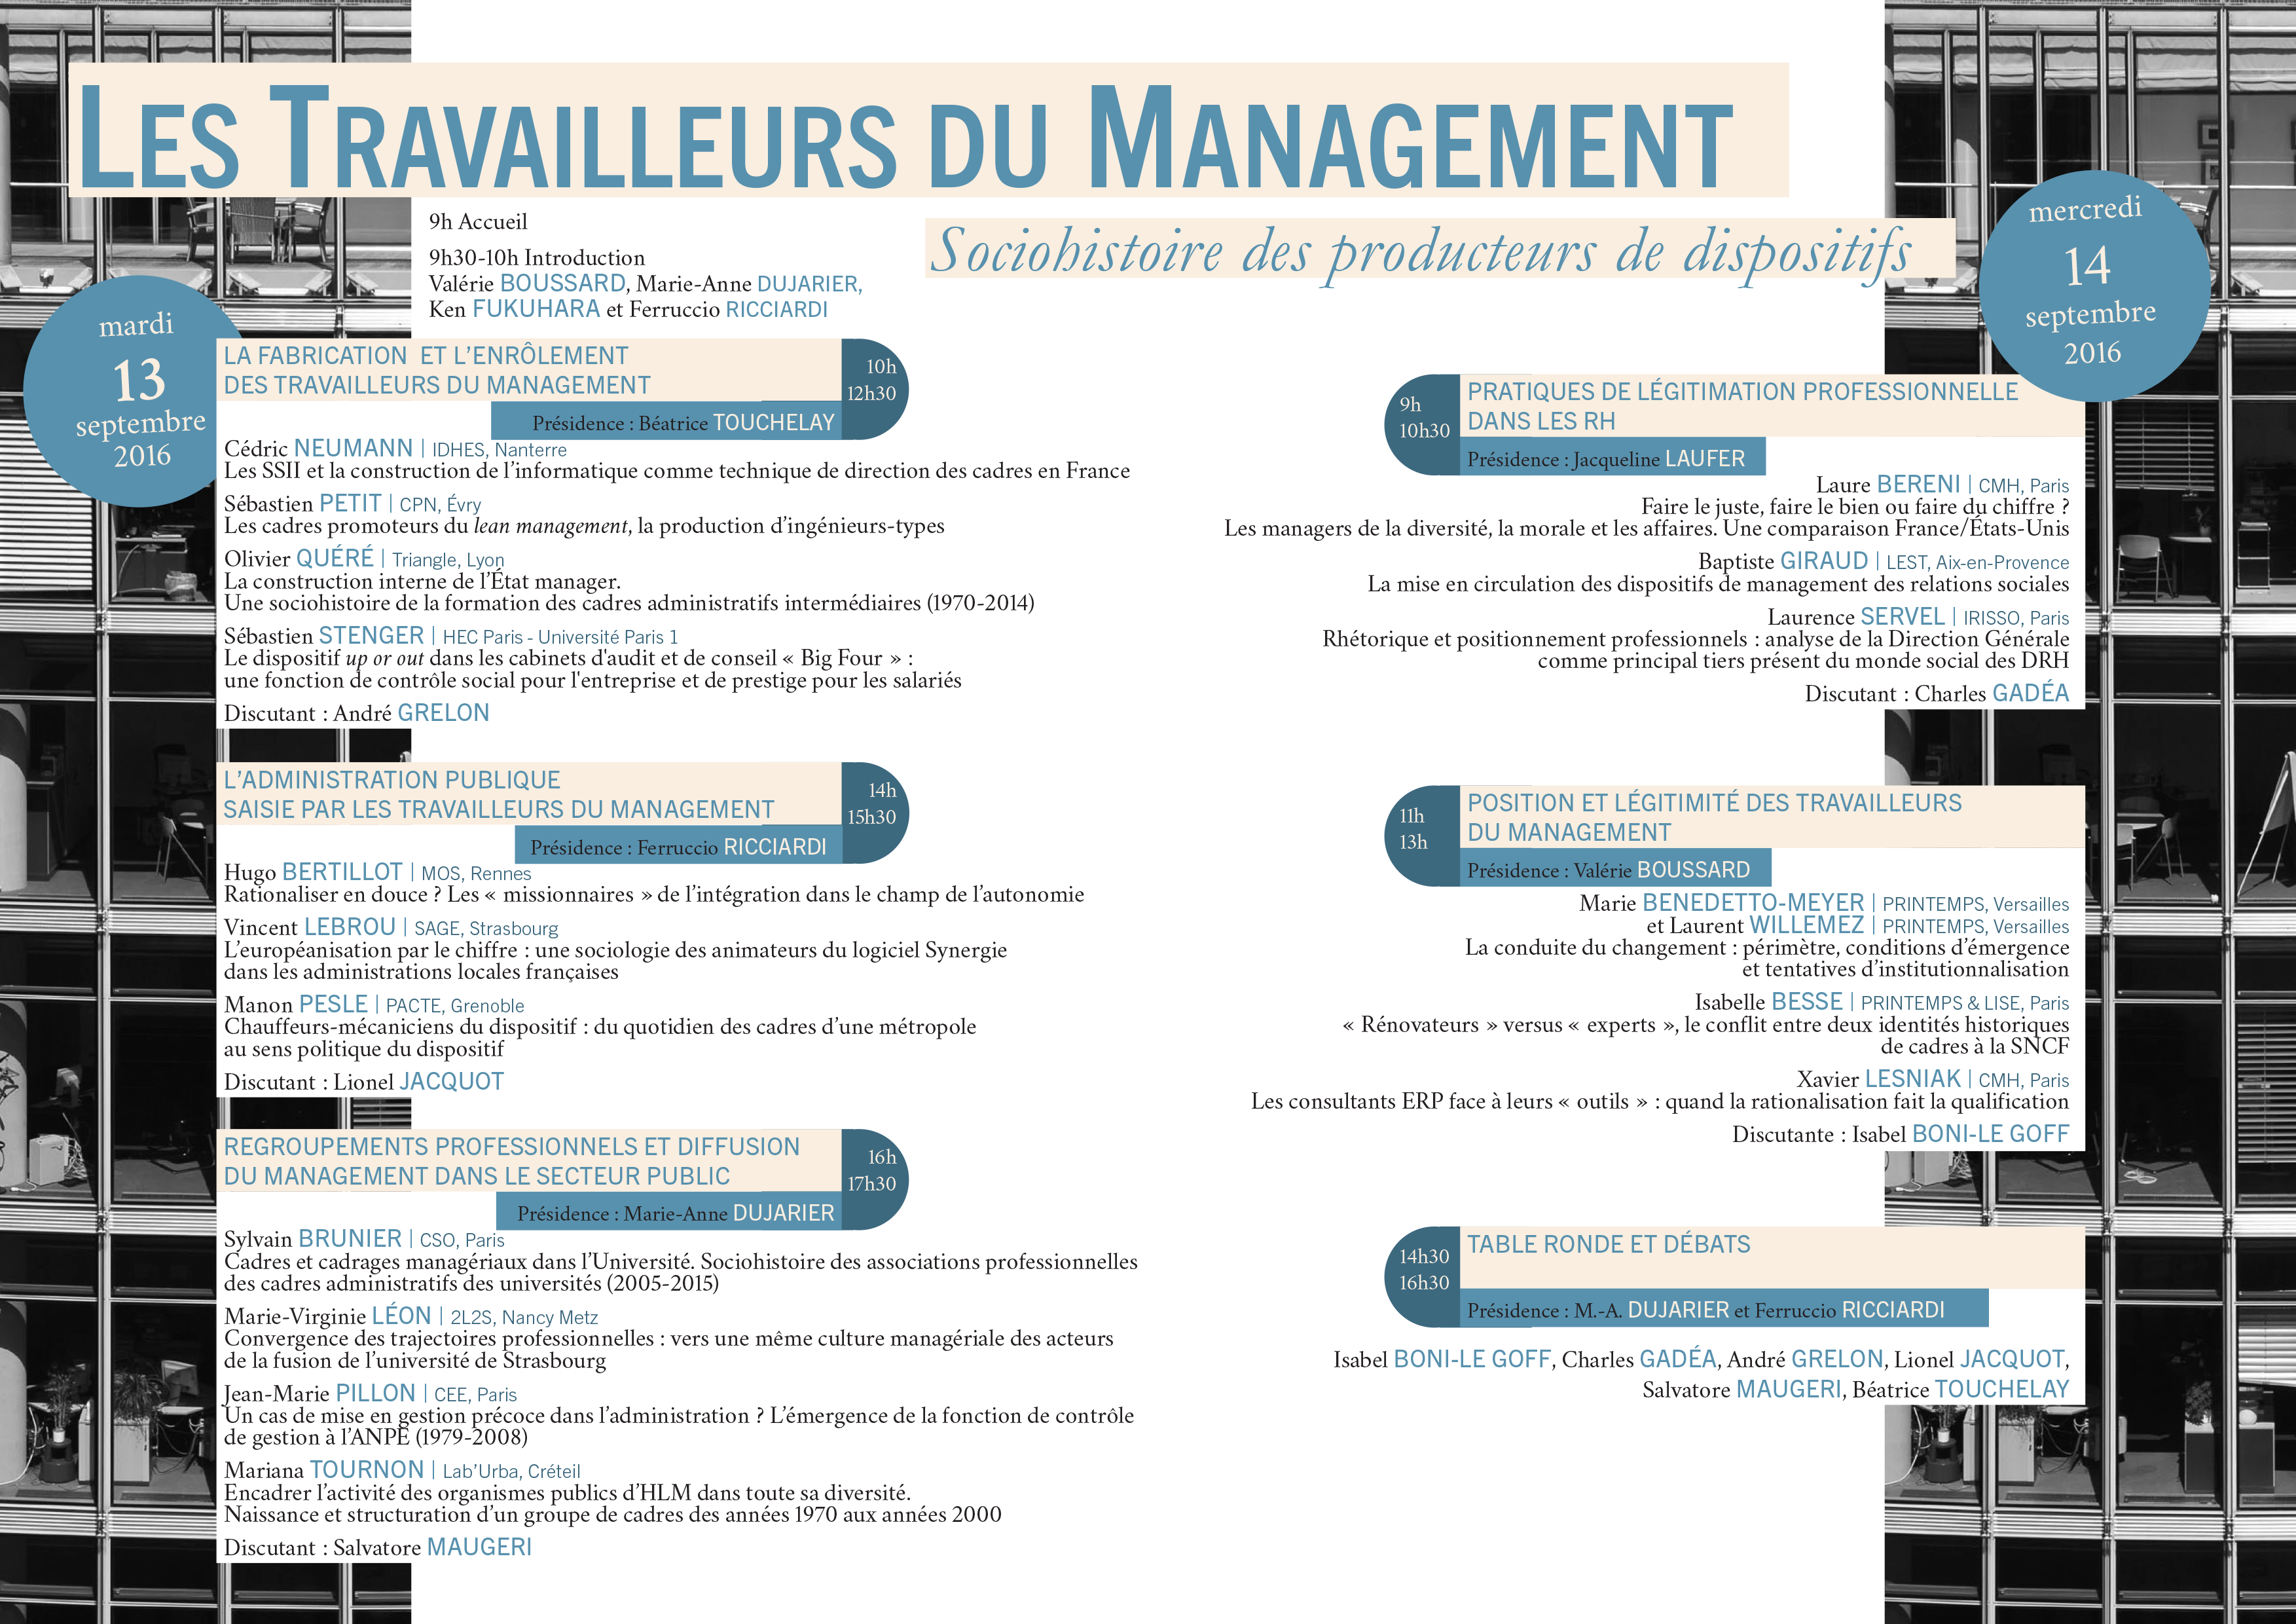 Programme-colloque-travailleurs-management-sept-2016-vd-2